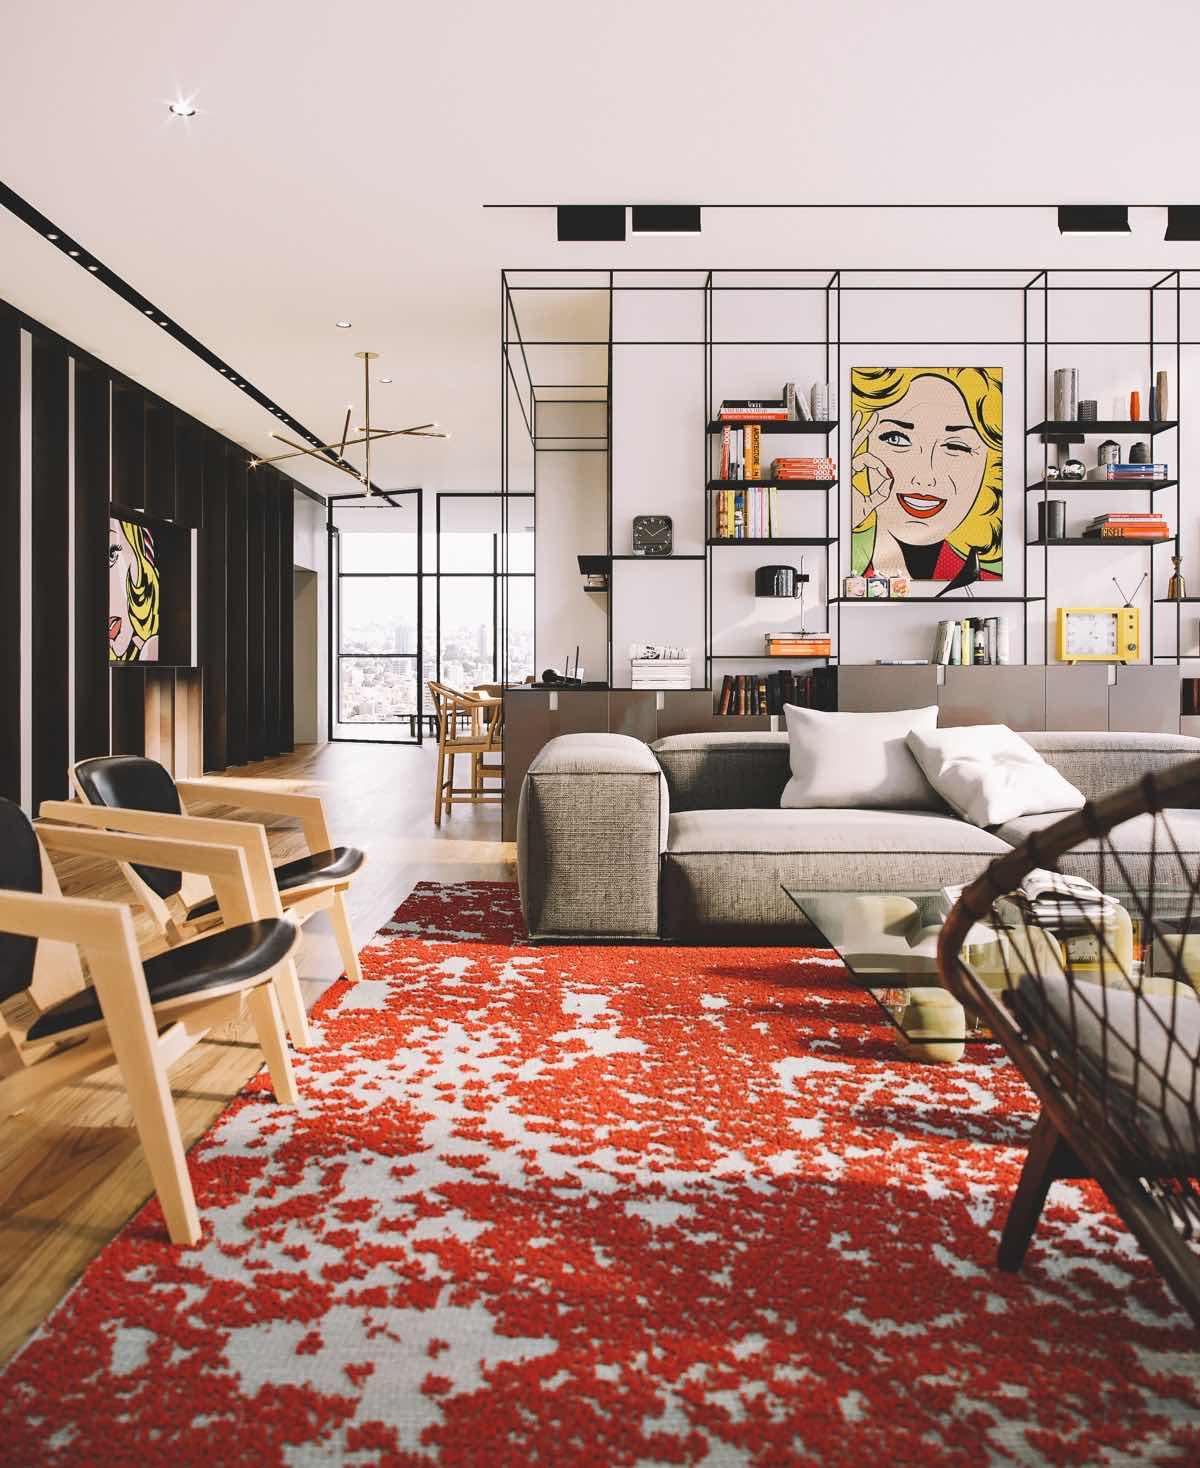 Alacena blog de arquitectura dise o y decoraci n una casa pop art - Mobiliario pop art ...